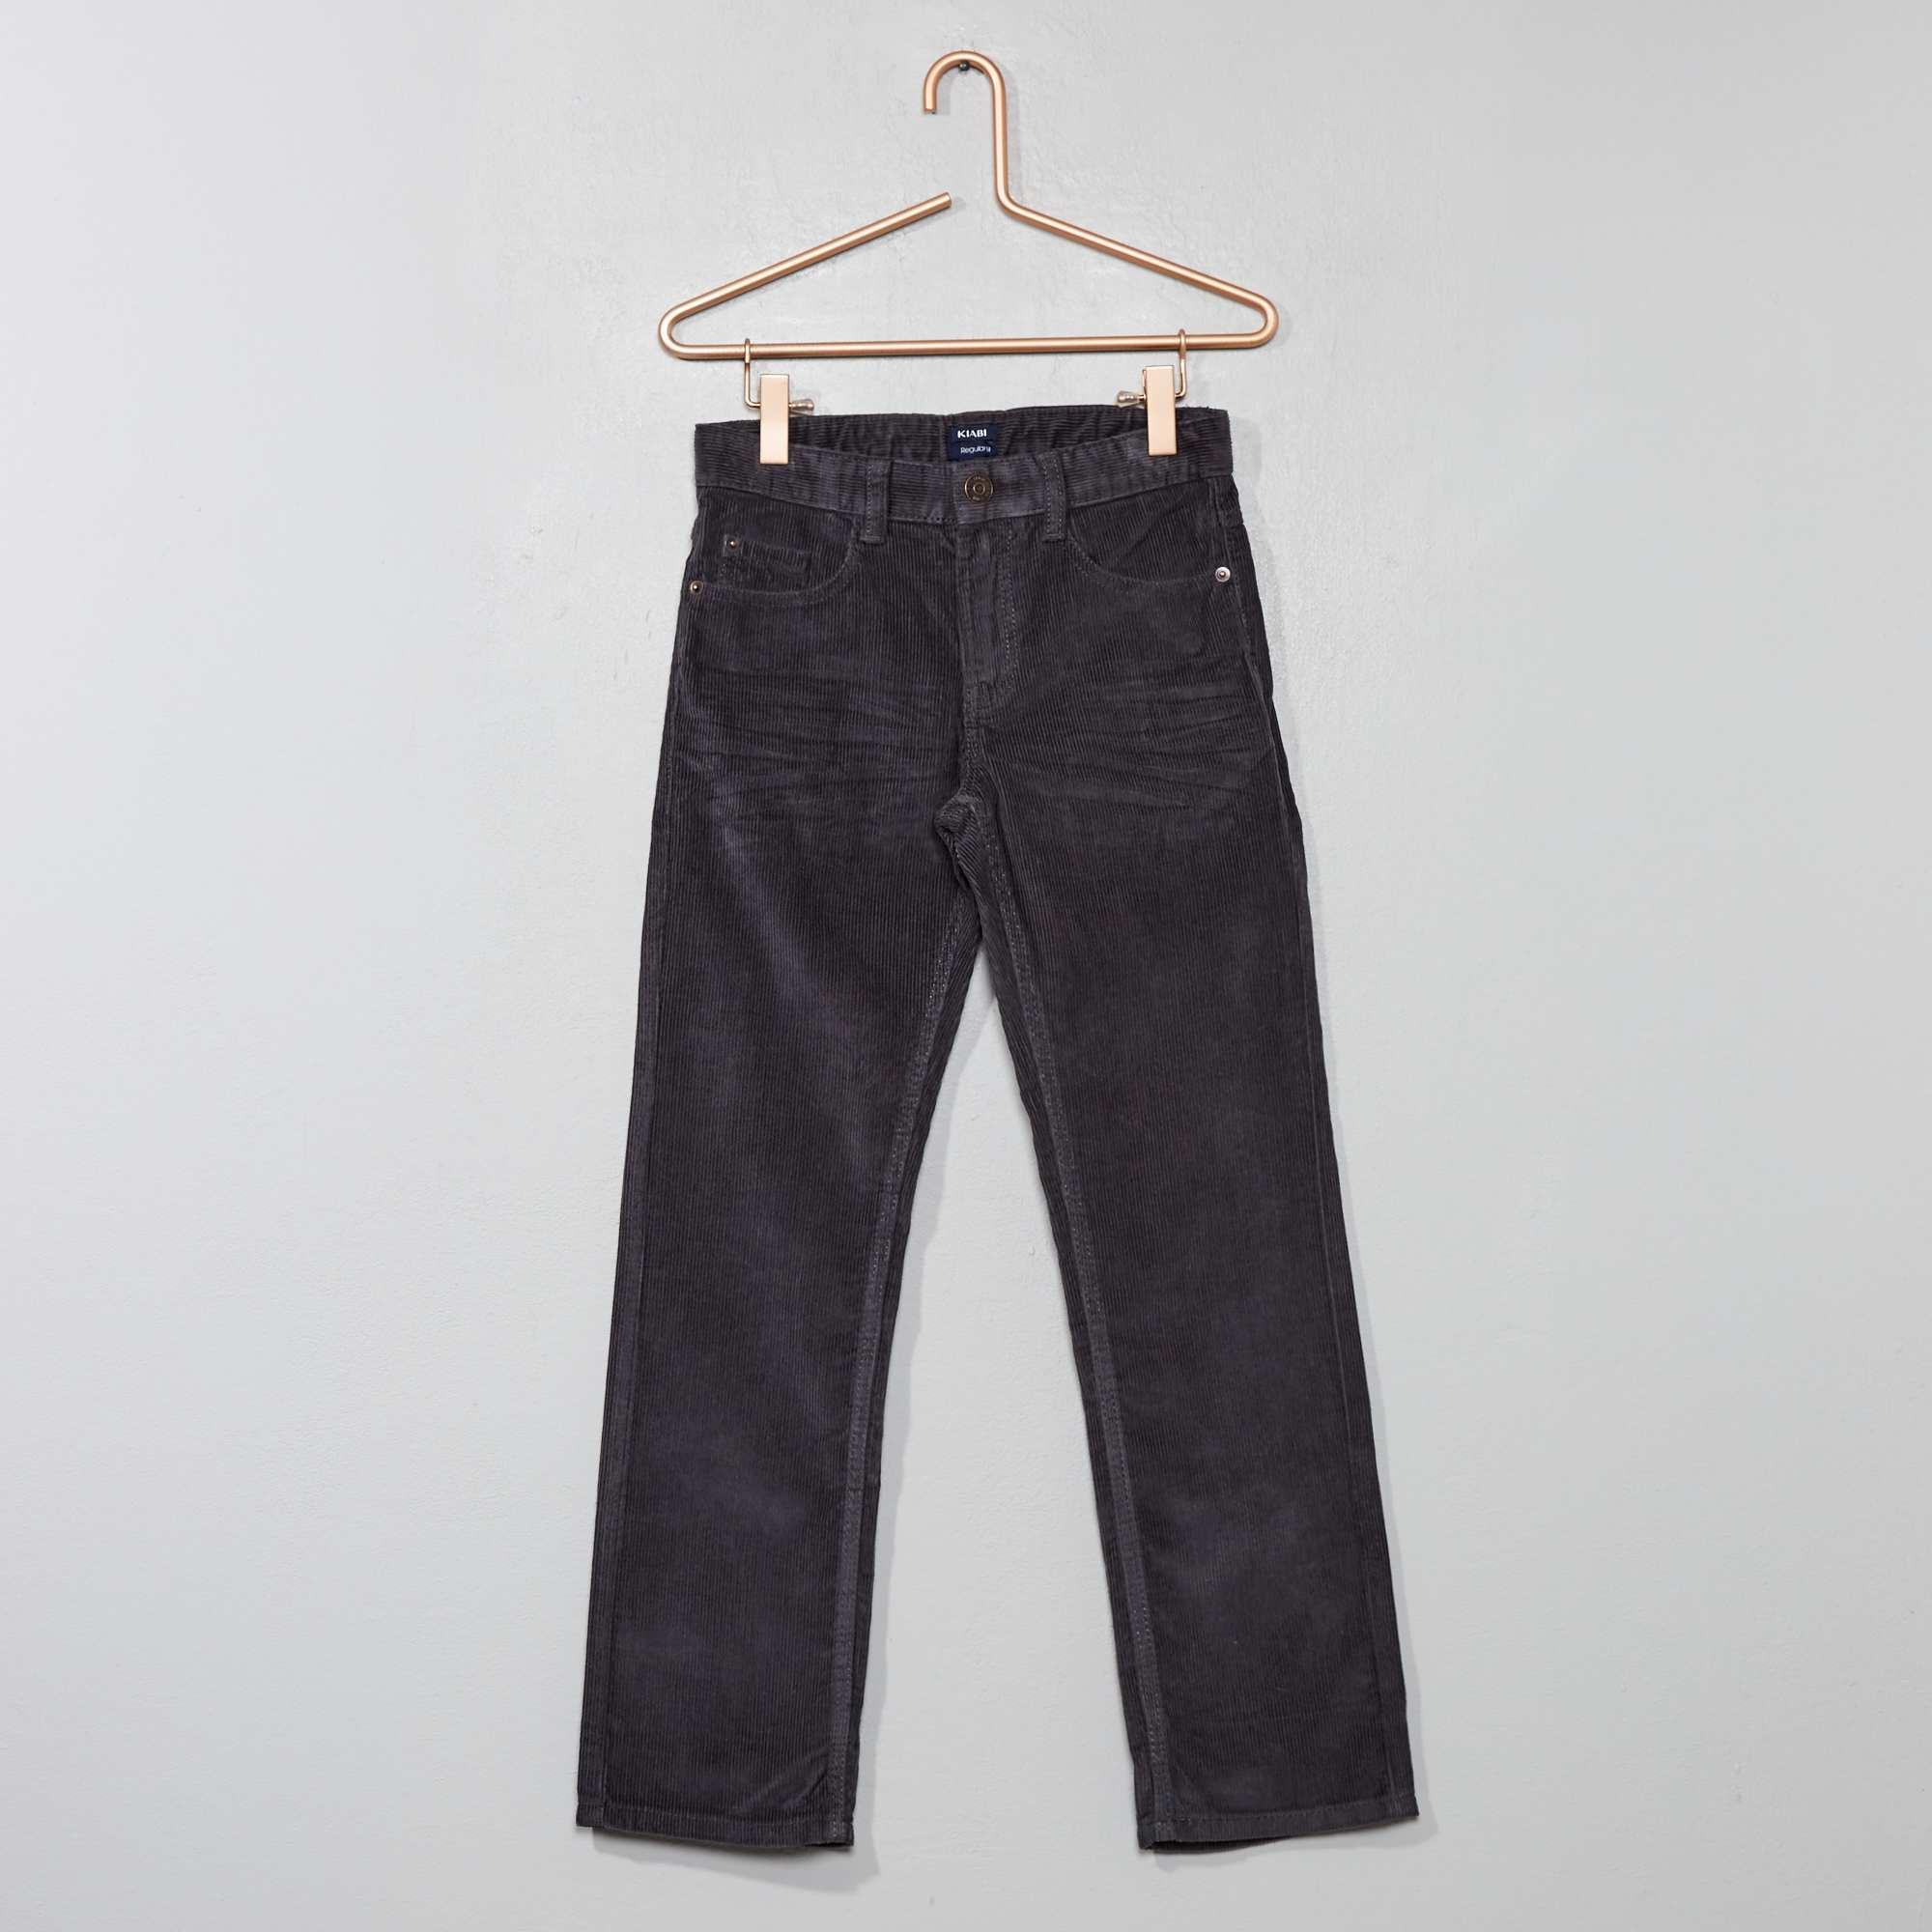 c15ac93a093 Pantalón de pana Chico - GRIS - Kiabi - 6